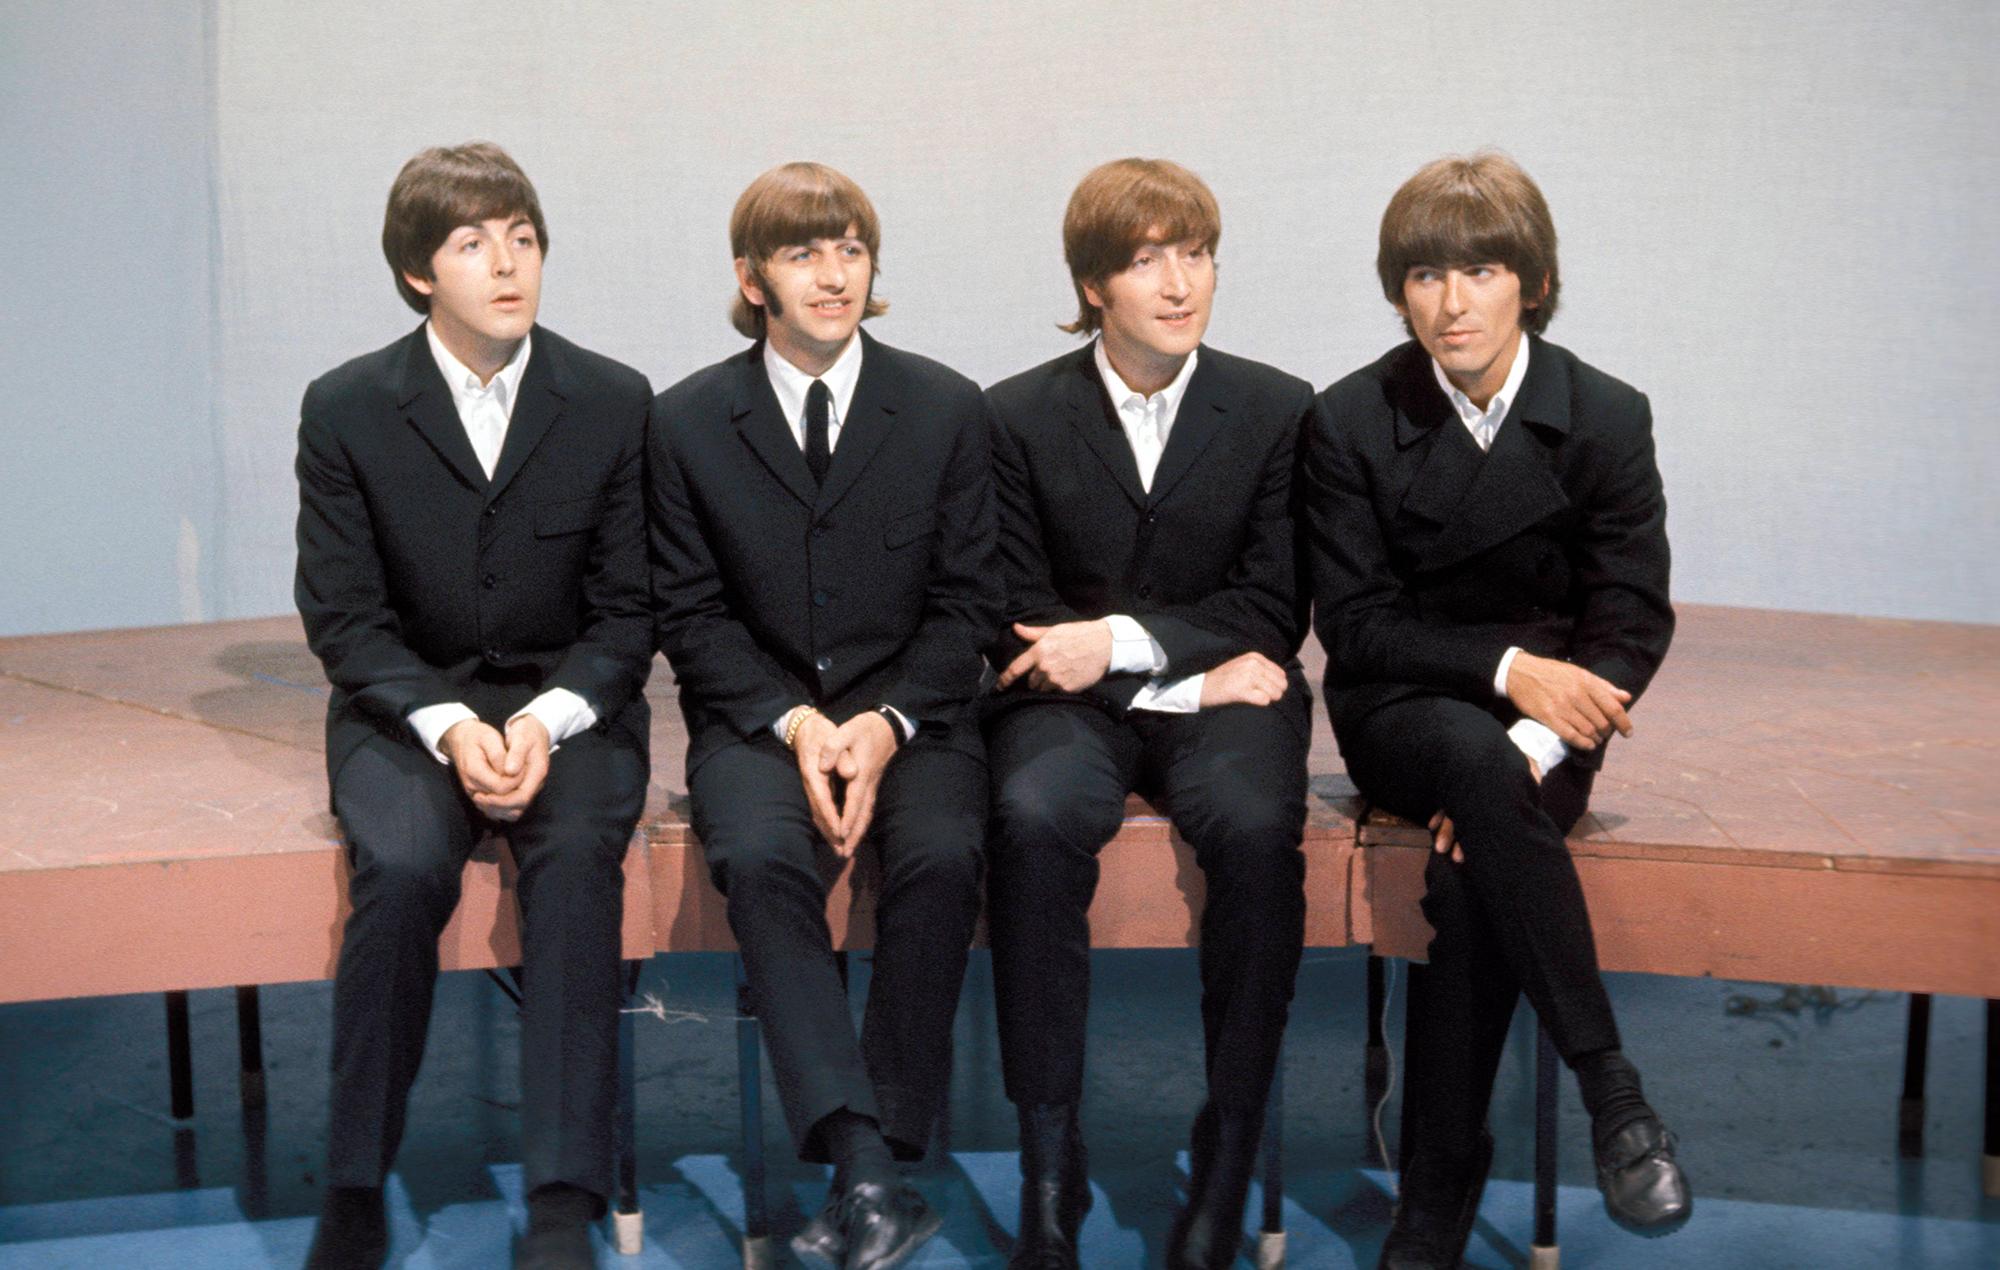 Beatles biopics